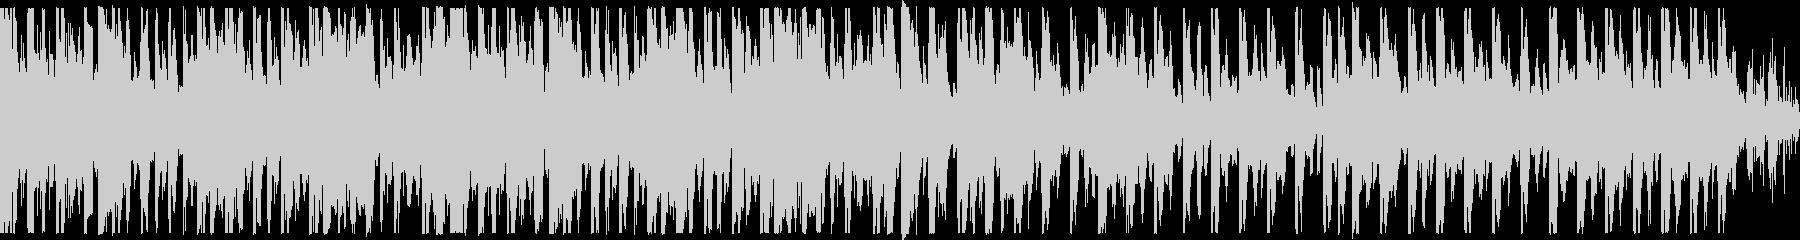 ループ、おしゃれ、ノリノリなBGMの未再生の波形